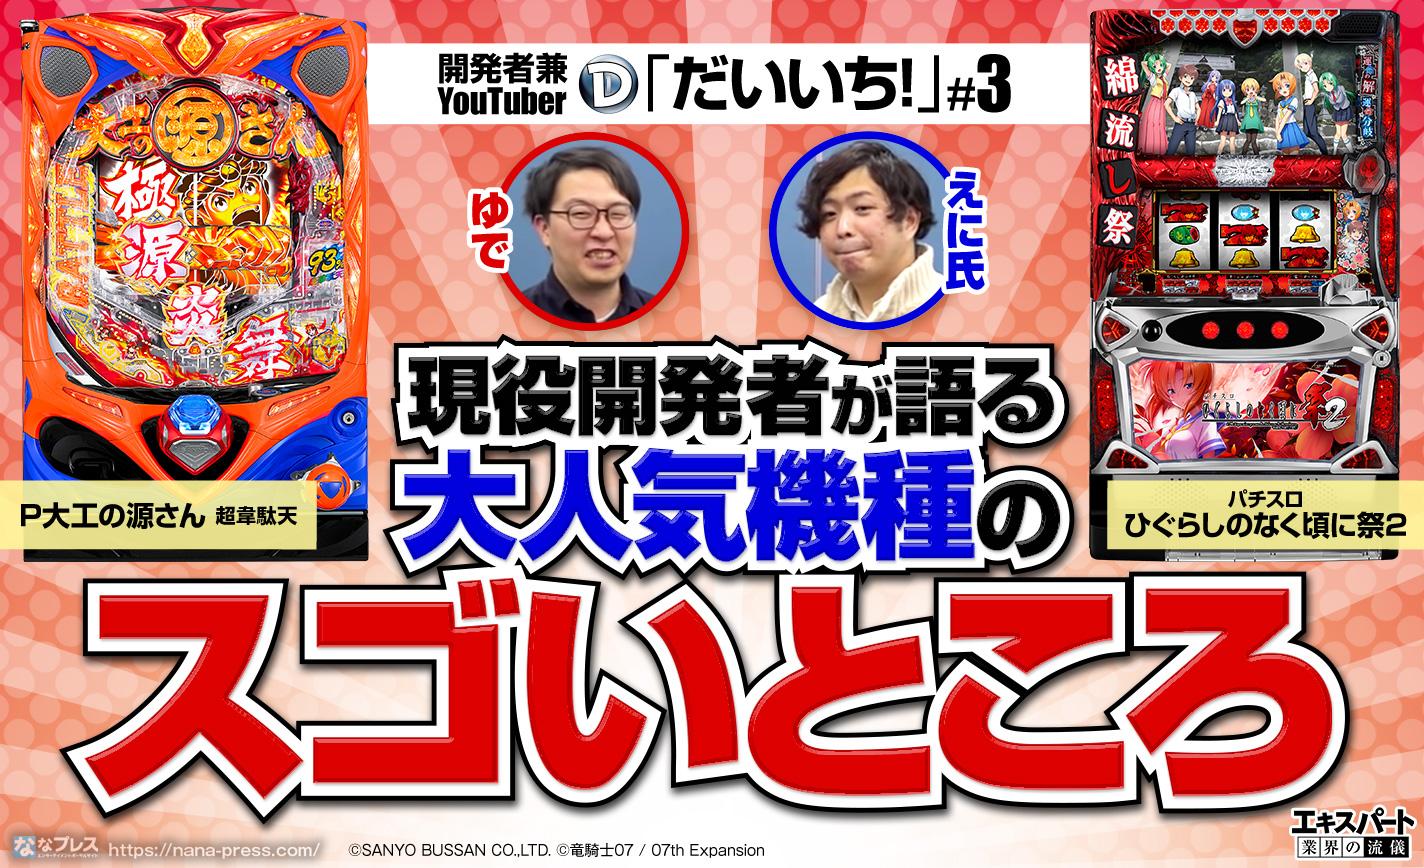 Daiichi現役開発者が語る大工の源さん超韋駄天・ひぐらしのなく頃に祭2のスゴい部分とは? eyecatch-image